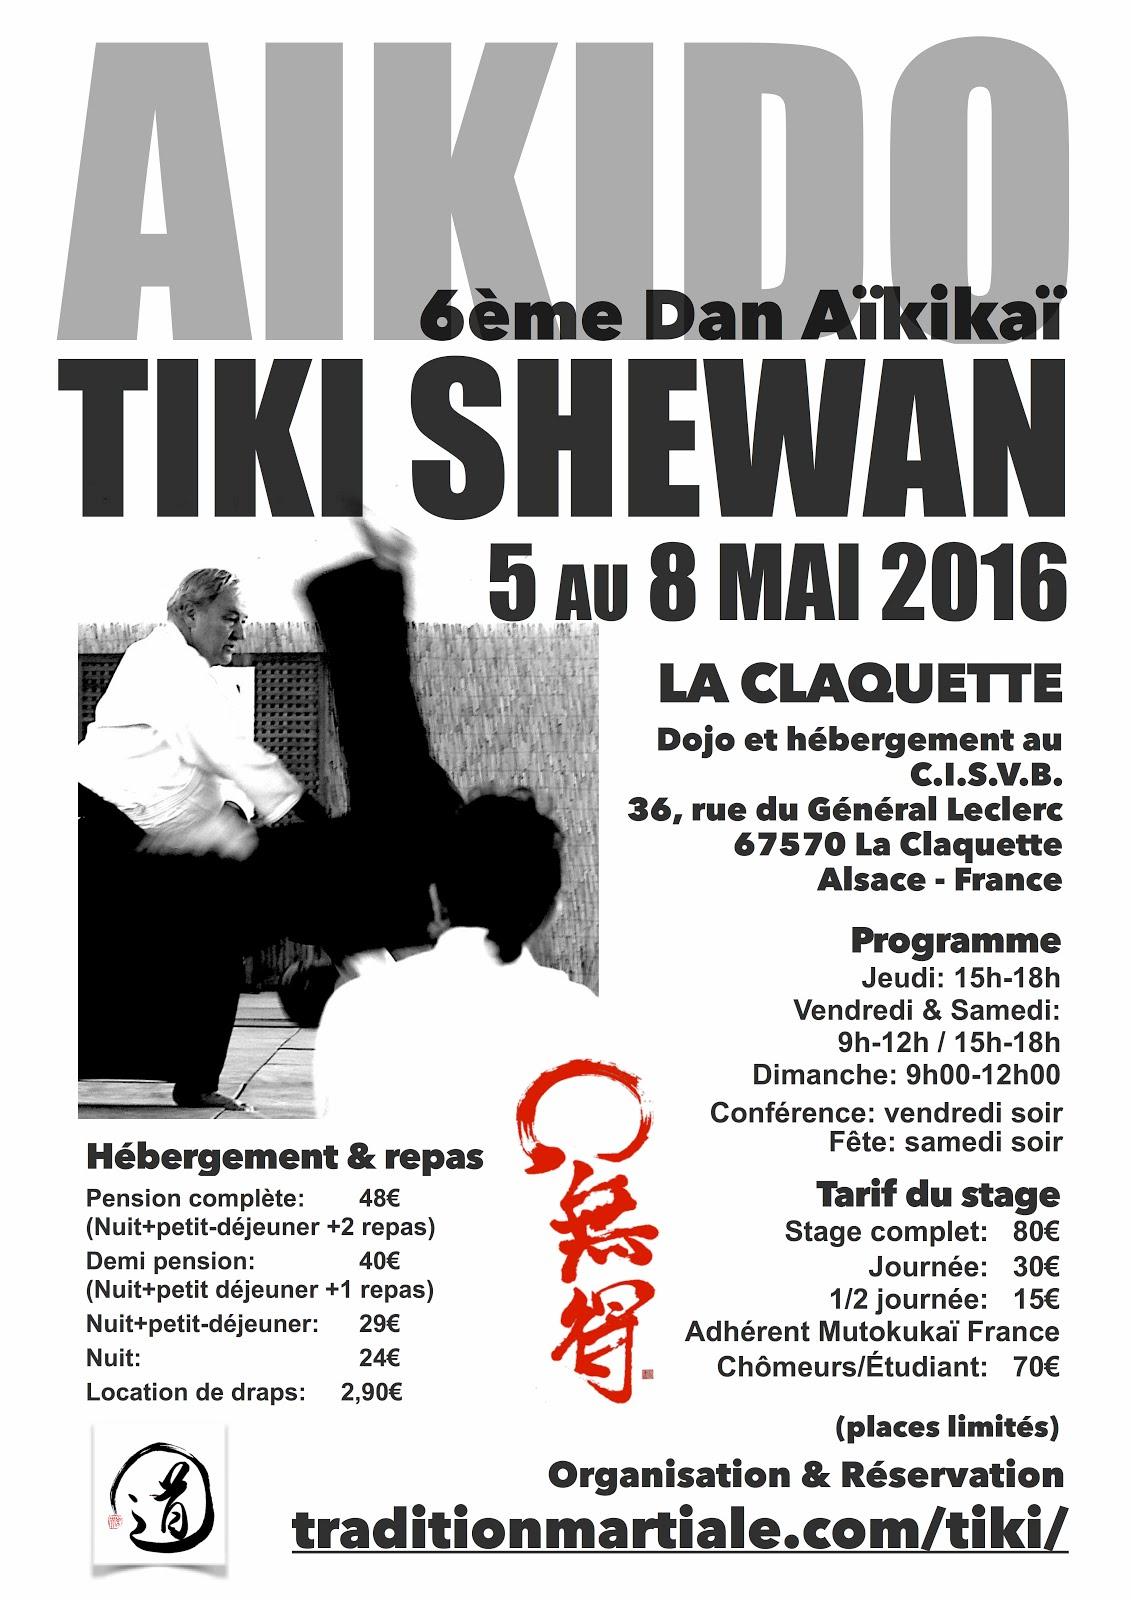 TIKI SHEWAN